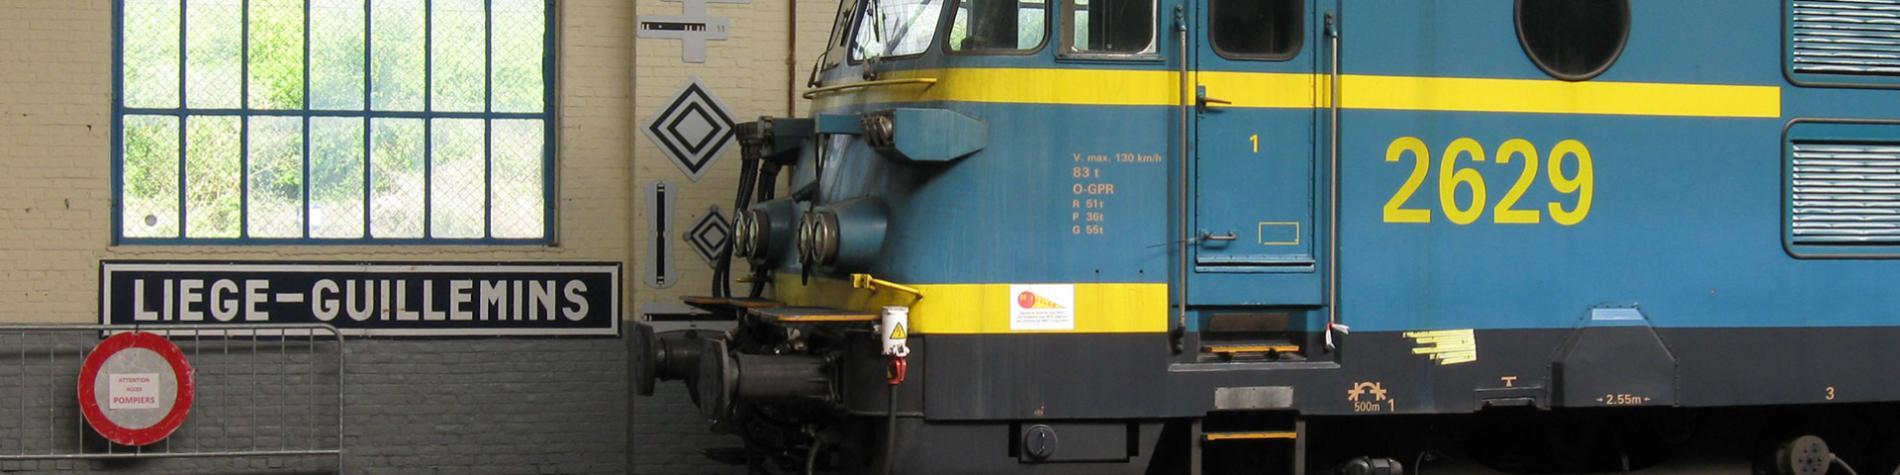 Le Musée du Rail - ASBL - Patrimoine Ferroviaire - Tourisme - wagons - gare - Saint-Ghislain - Hainaut - locomotives - autorails - voitures